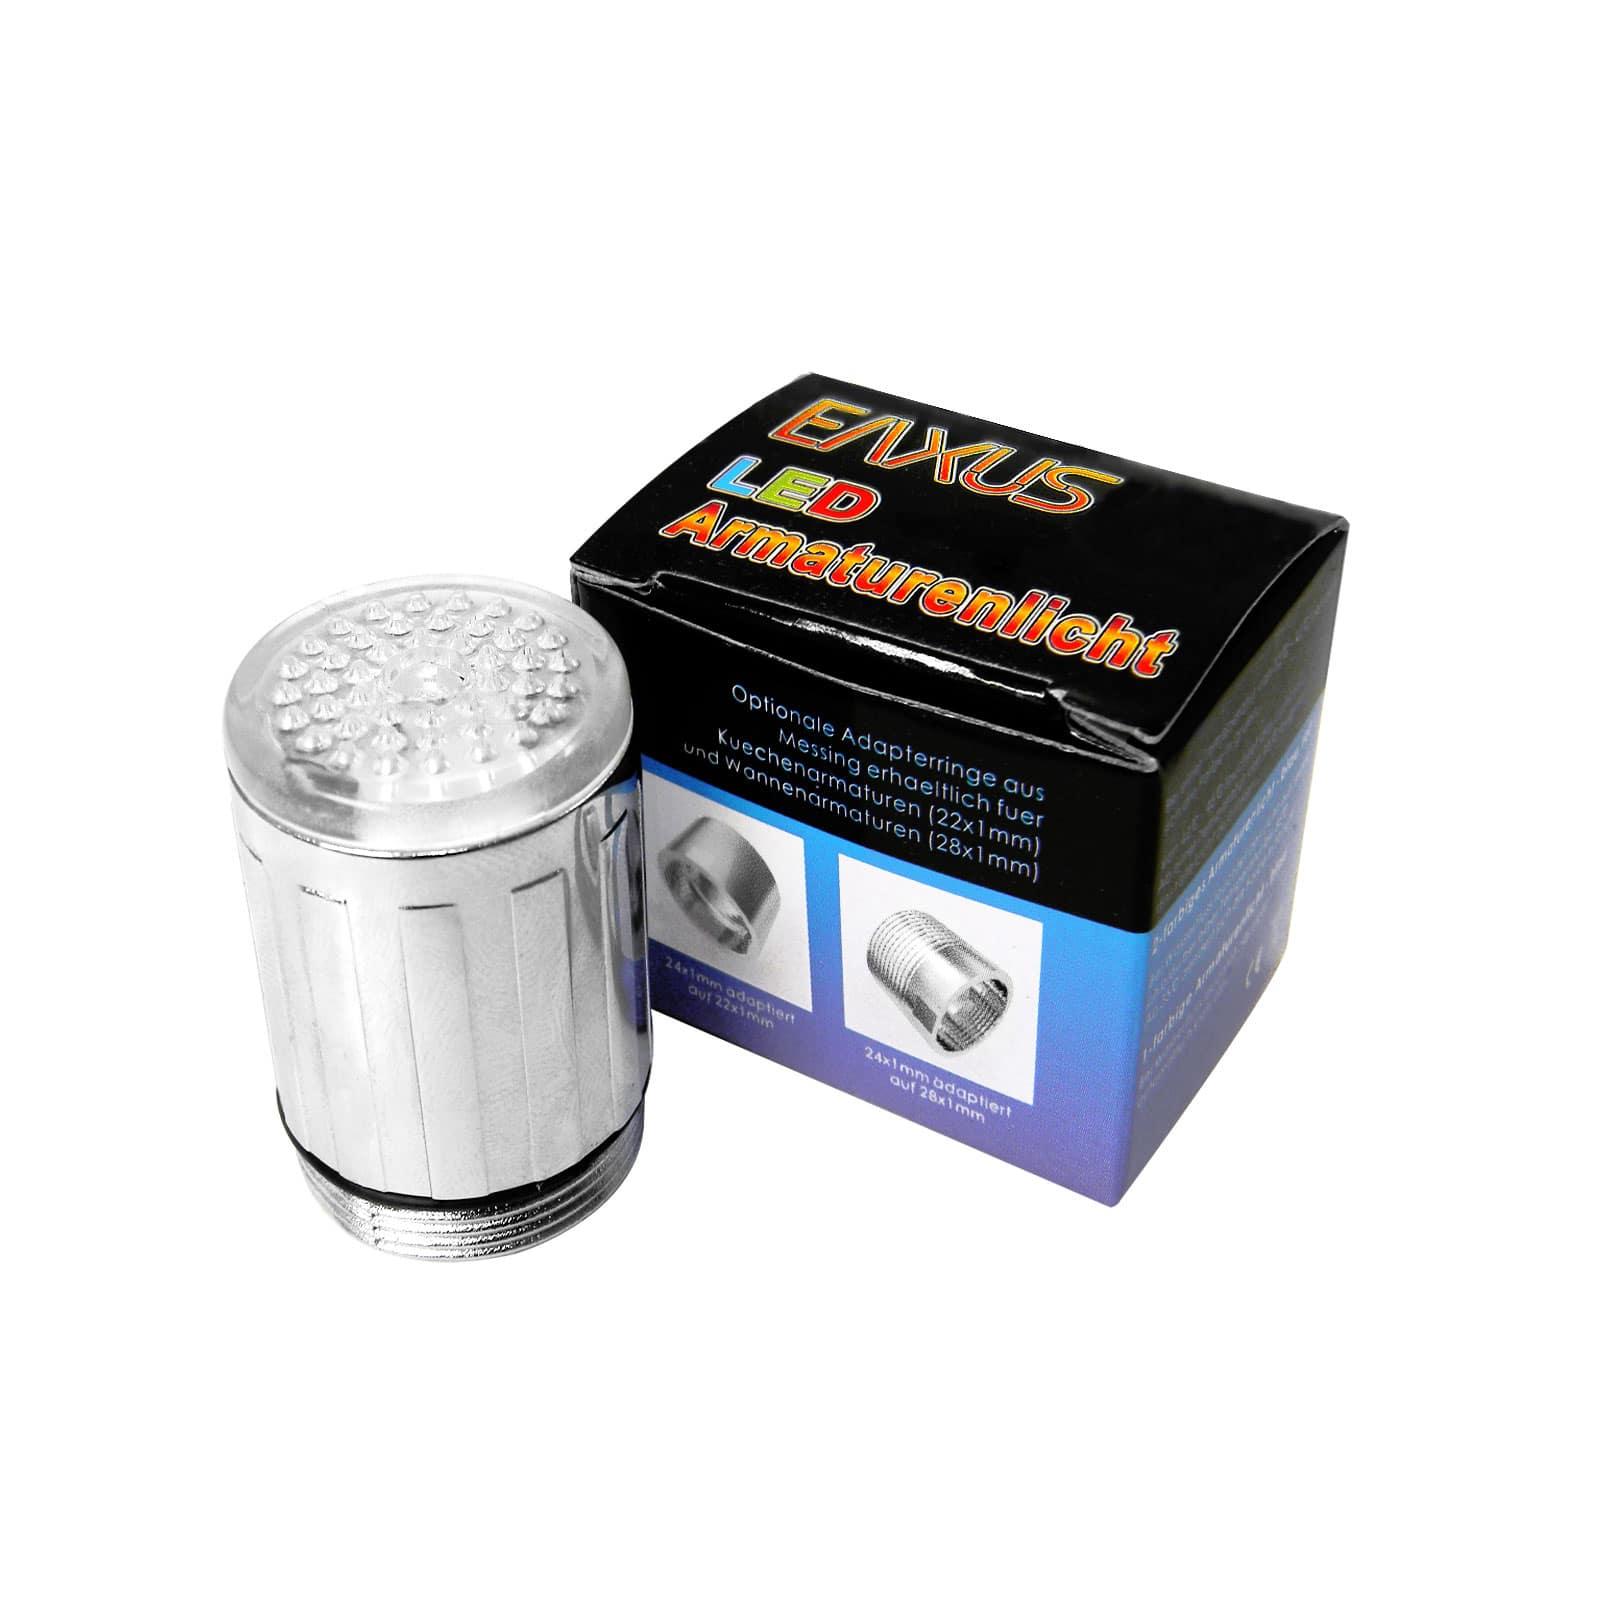 Led aufsatz fur wasserhahn adapter wasserhahn lampe rot for Amatur küche